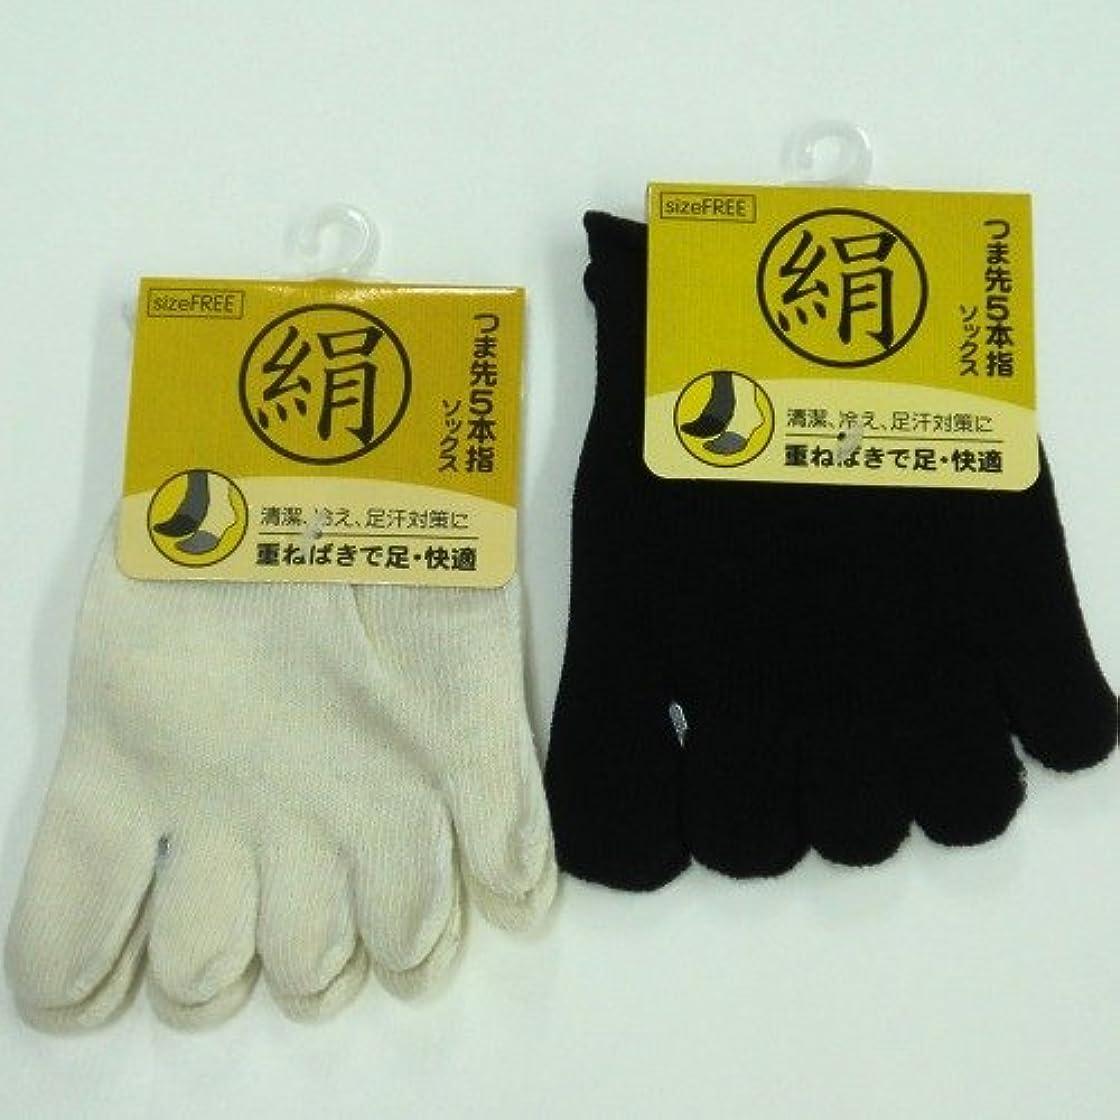 不平を言う掘る痛み5本指ソックス つま先 ハーフソックス 足指カバー 天然素材絹で抗菌防臭 お買得5足組 (色はお任せ)